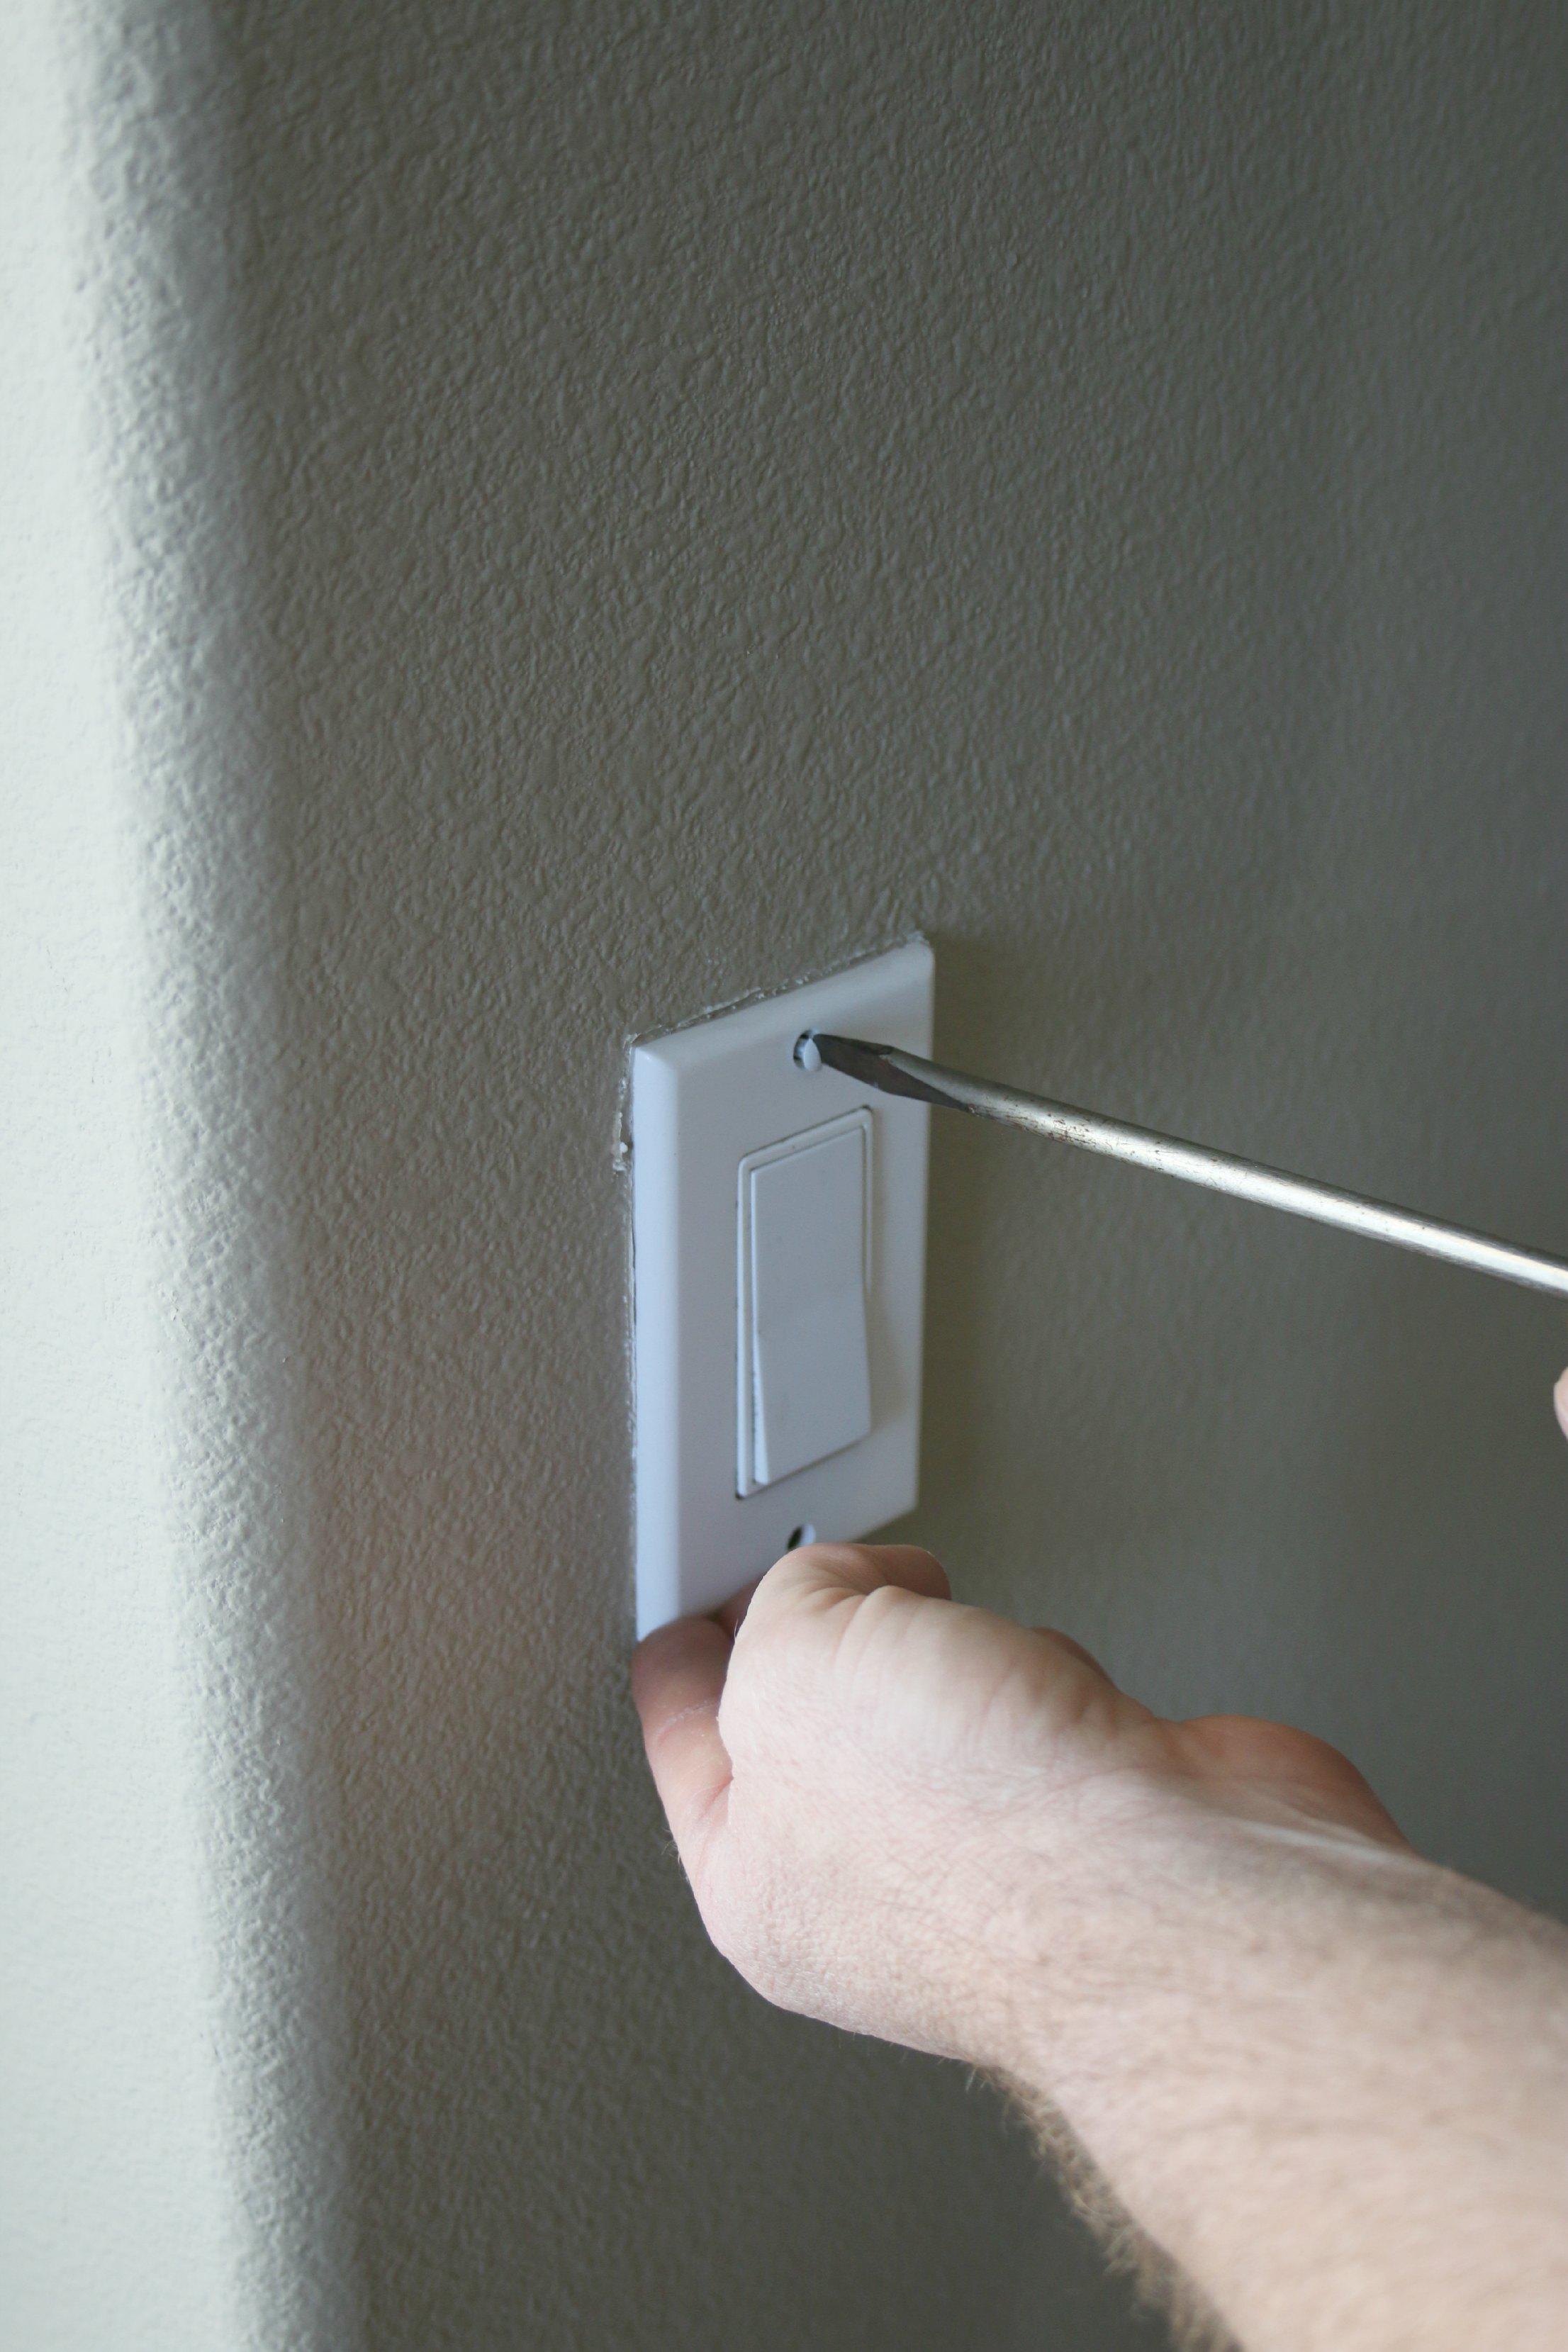 belkin smart light switch